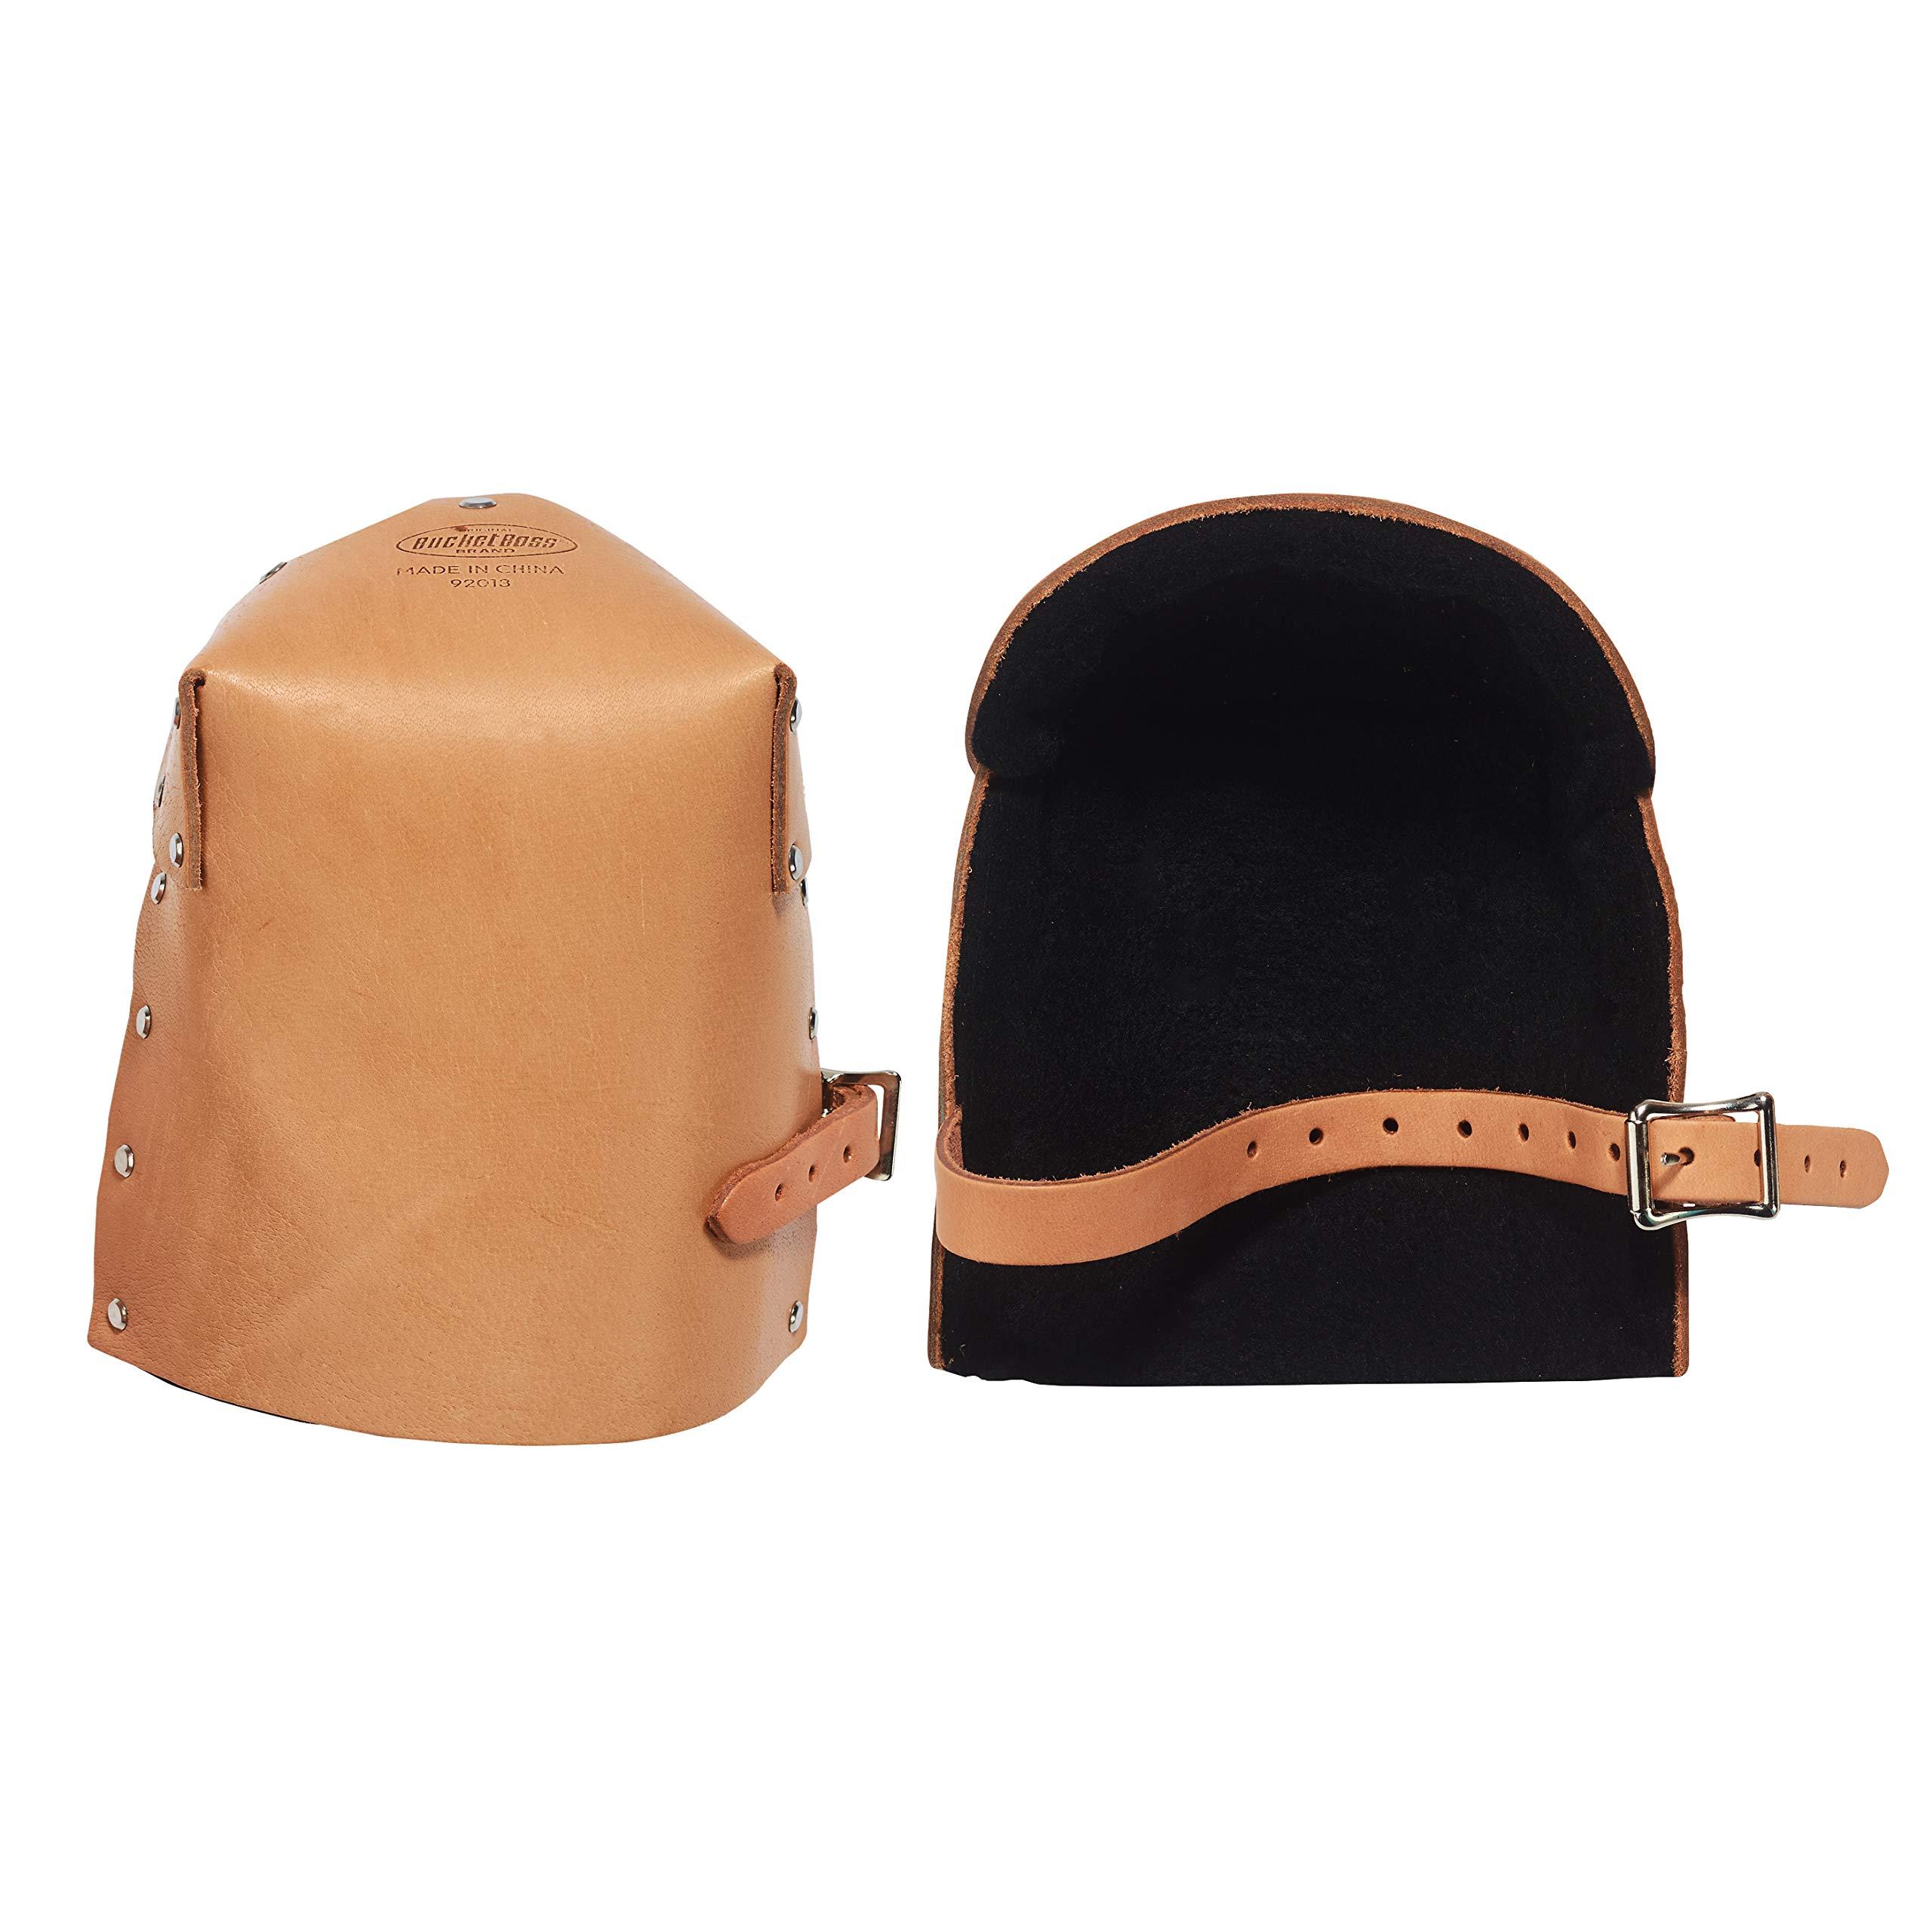 Bucket Boss Pro Leather Knee Pads in Tan, 92013